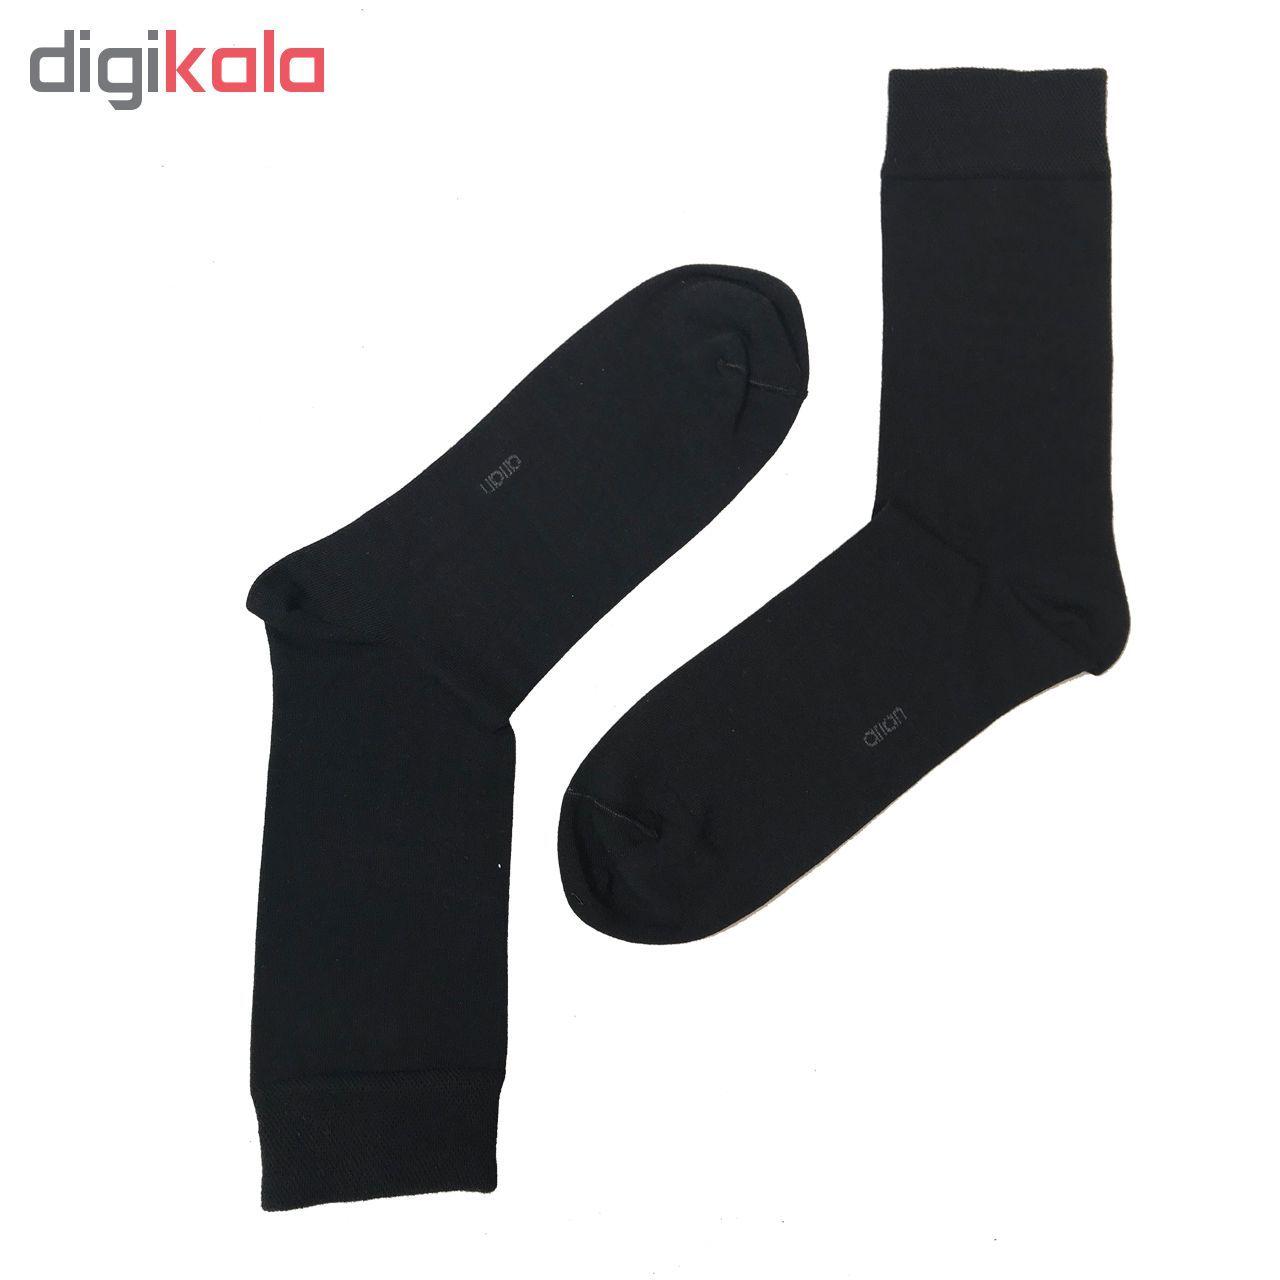 جوراب مردانه مشکی آریان نخ باف کد 51217 بسته 6 عددی پنجه گیری شده main 1 2